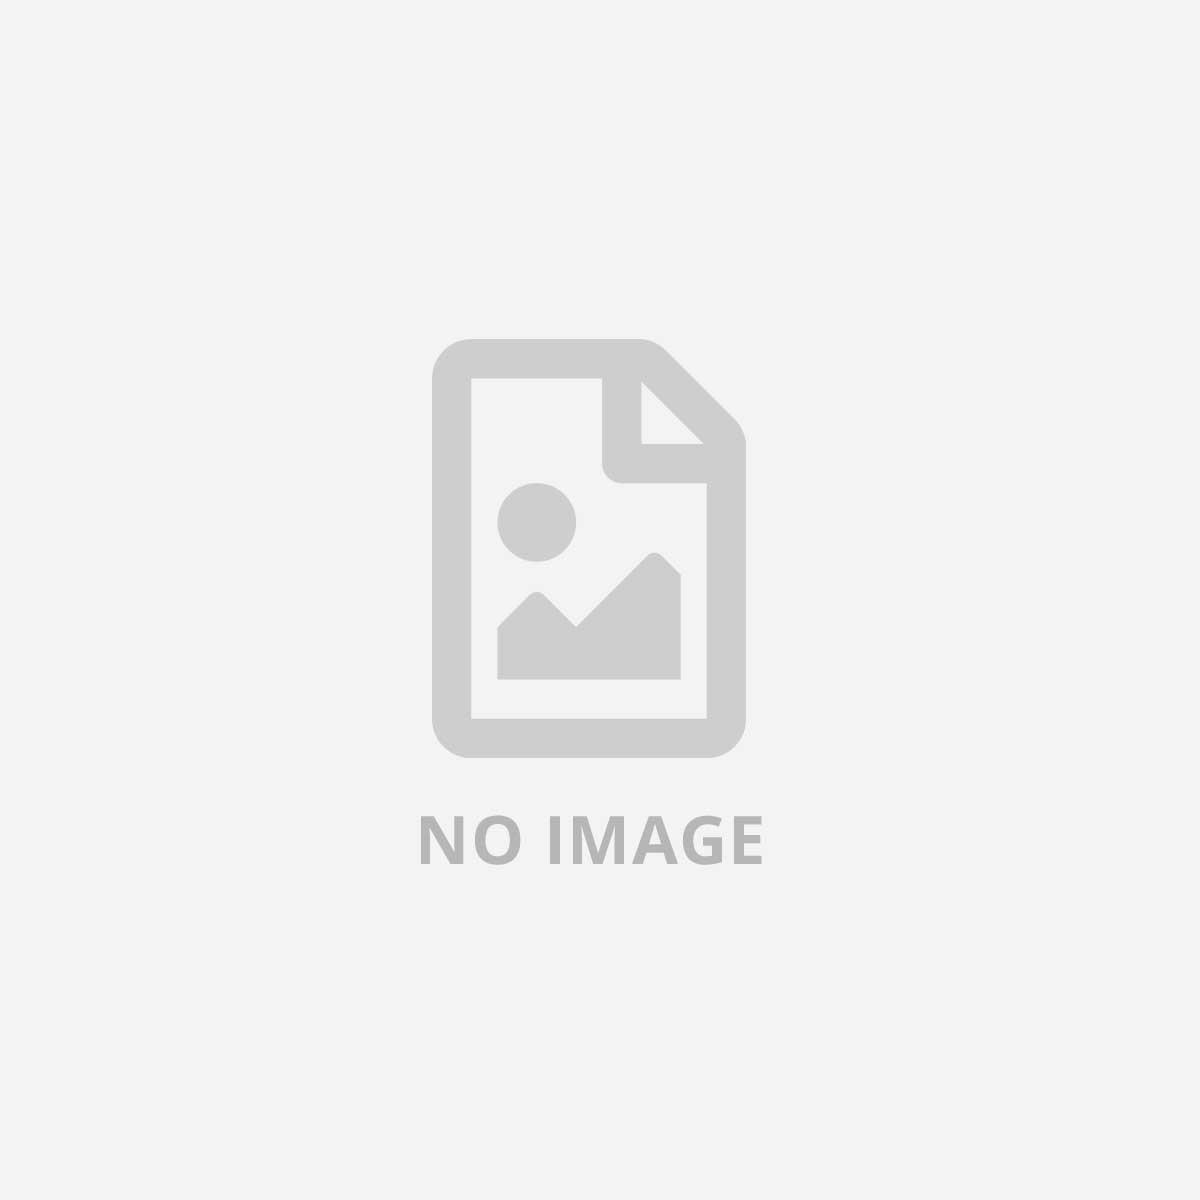 IBM THINKSYSTEM 10GB 4-PORT BASE-T LOM